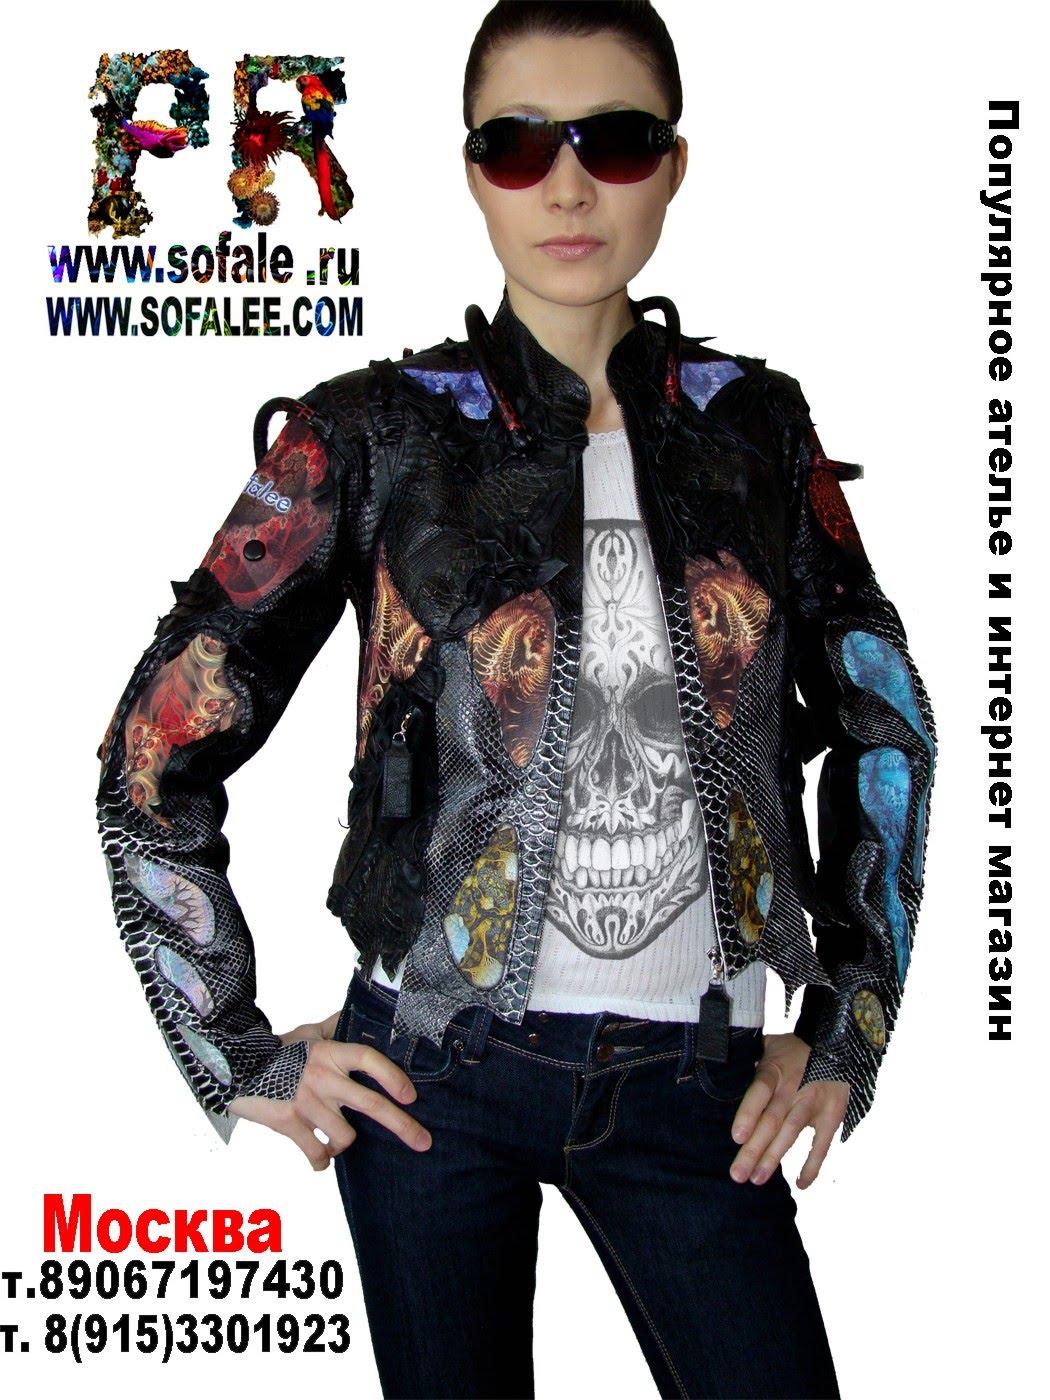 эксклюзивная кожаная куртка в стиле рок 10